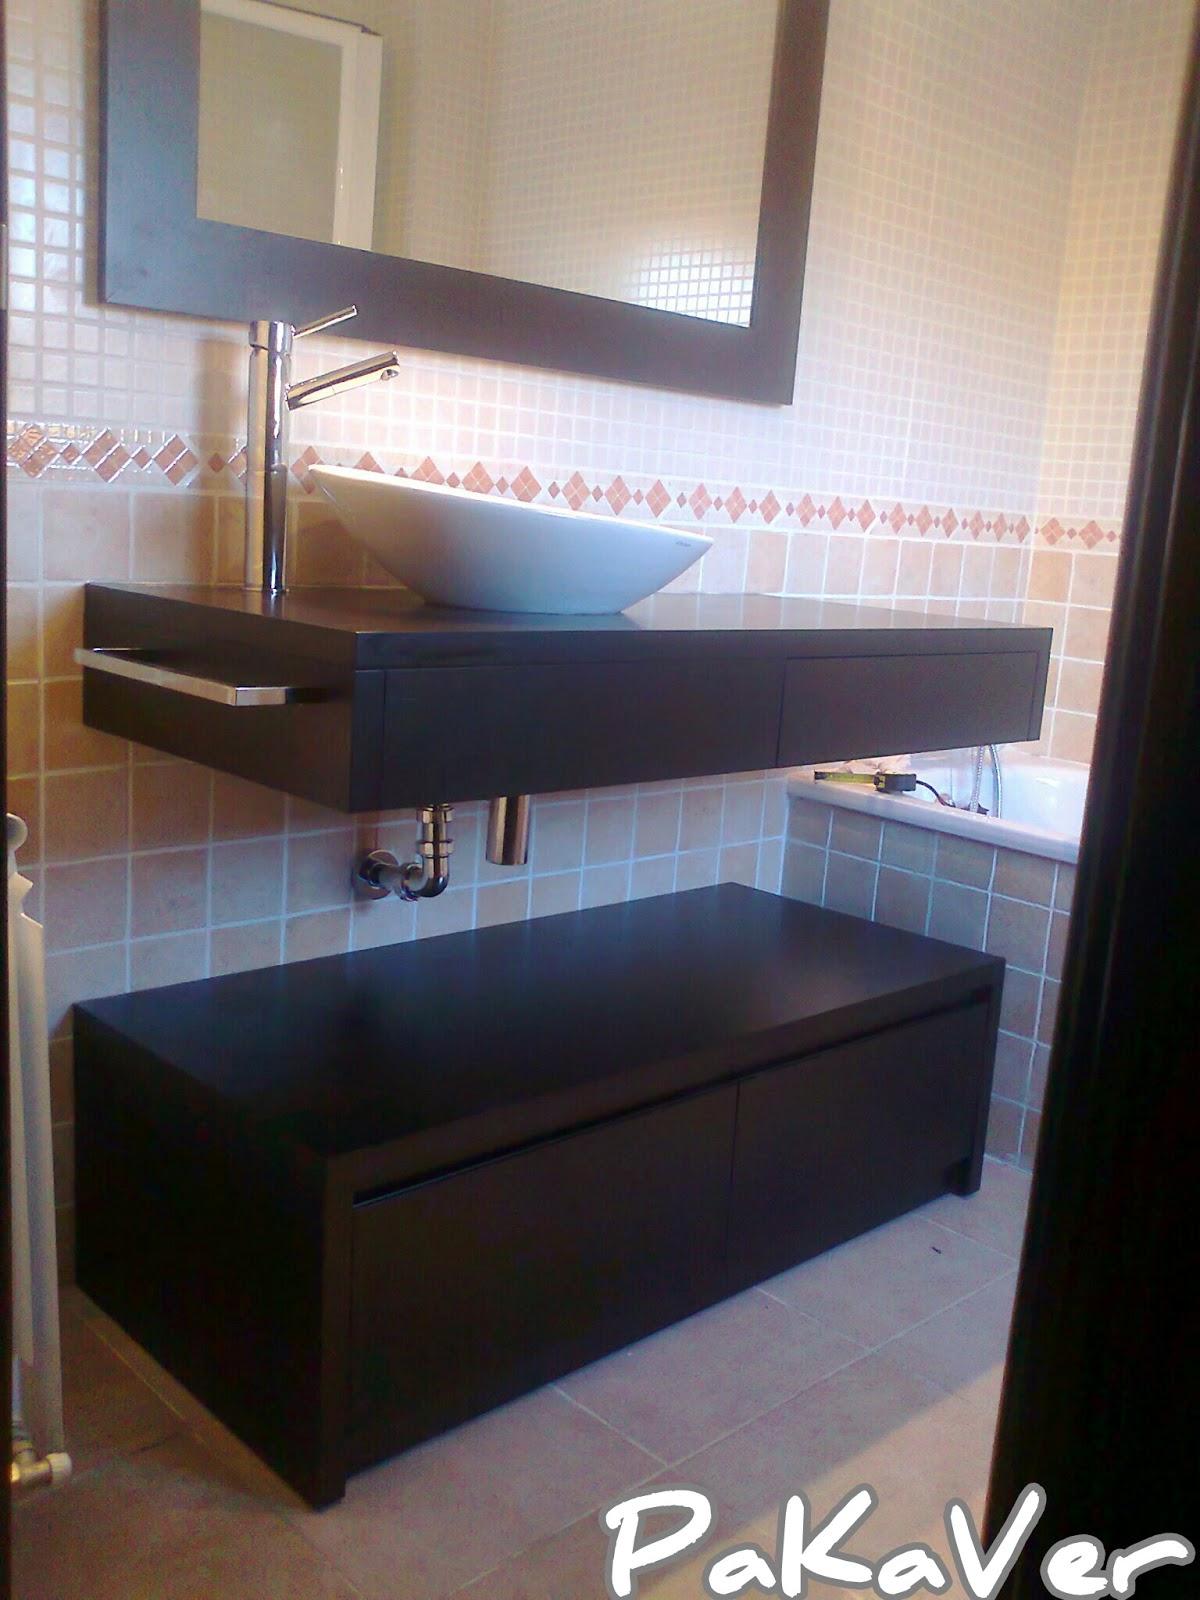 Hacer Un Baño A Nuevo:Comprueba el mueble nuevo y asegúrate de que tienes todoslos